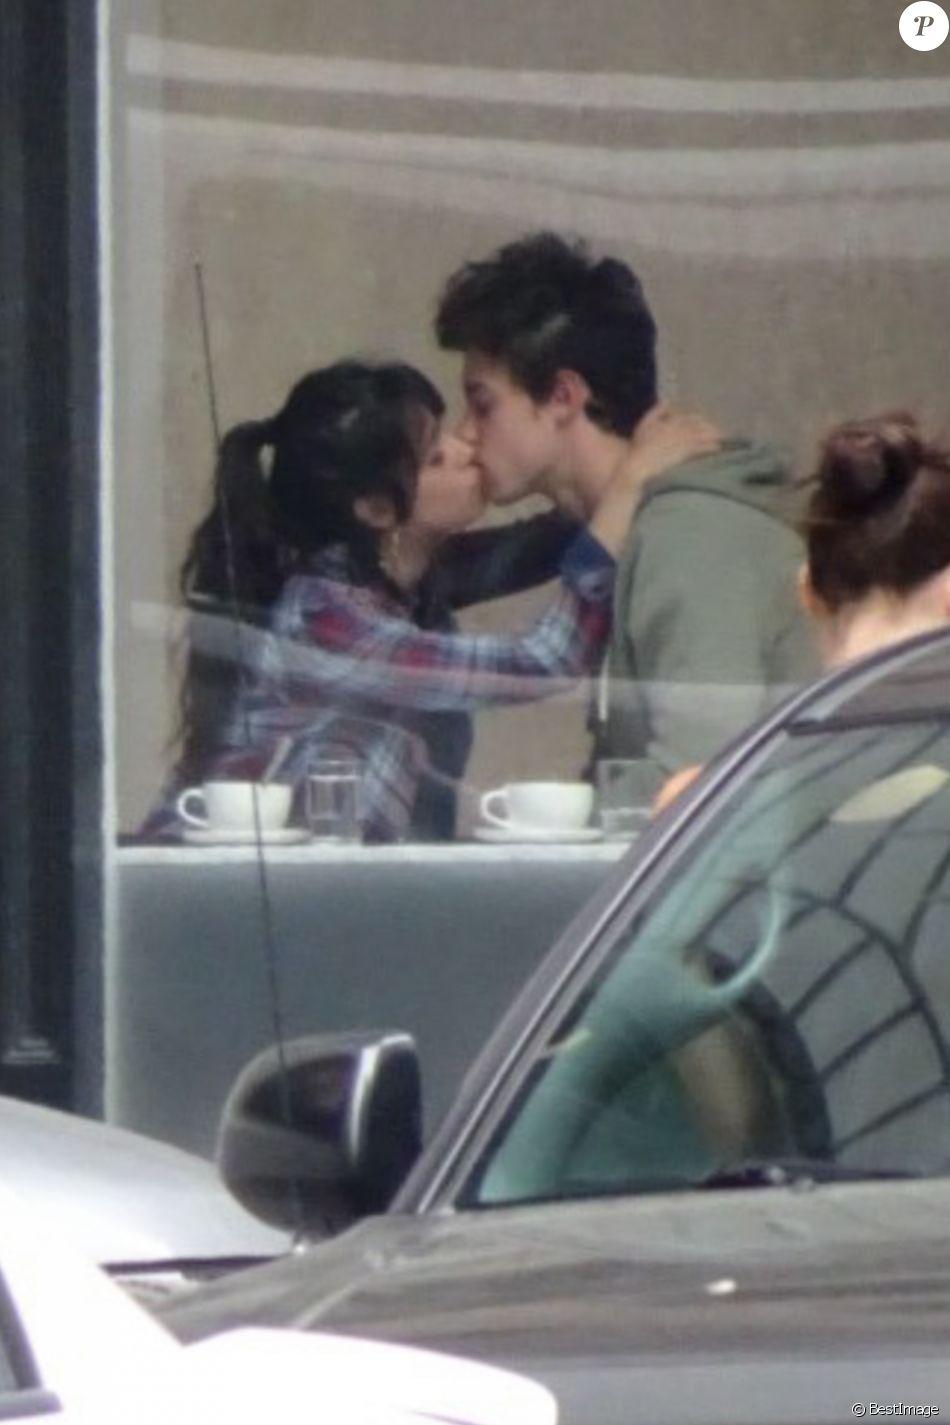 Camila Cabello et Shawn Mendes s'embrassent dans un café à San Francisco en Californie. Les interprètes de 'Senorita' semblent sortir du lit. 13/07/2019 - San Francisco